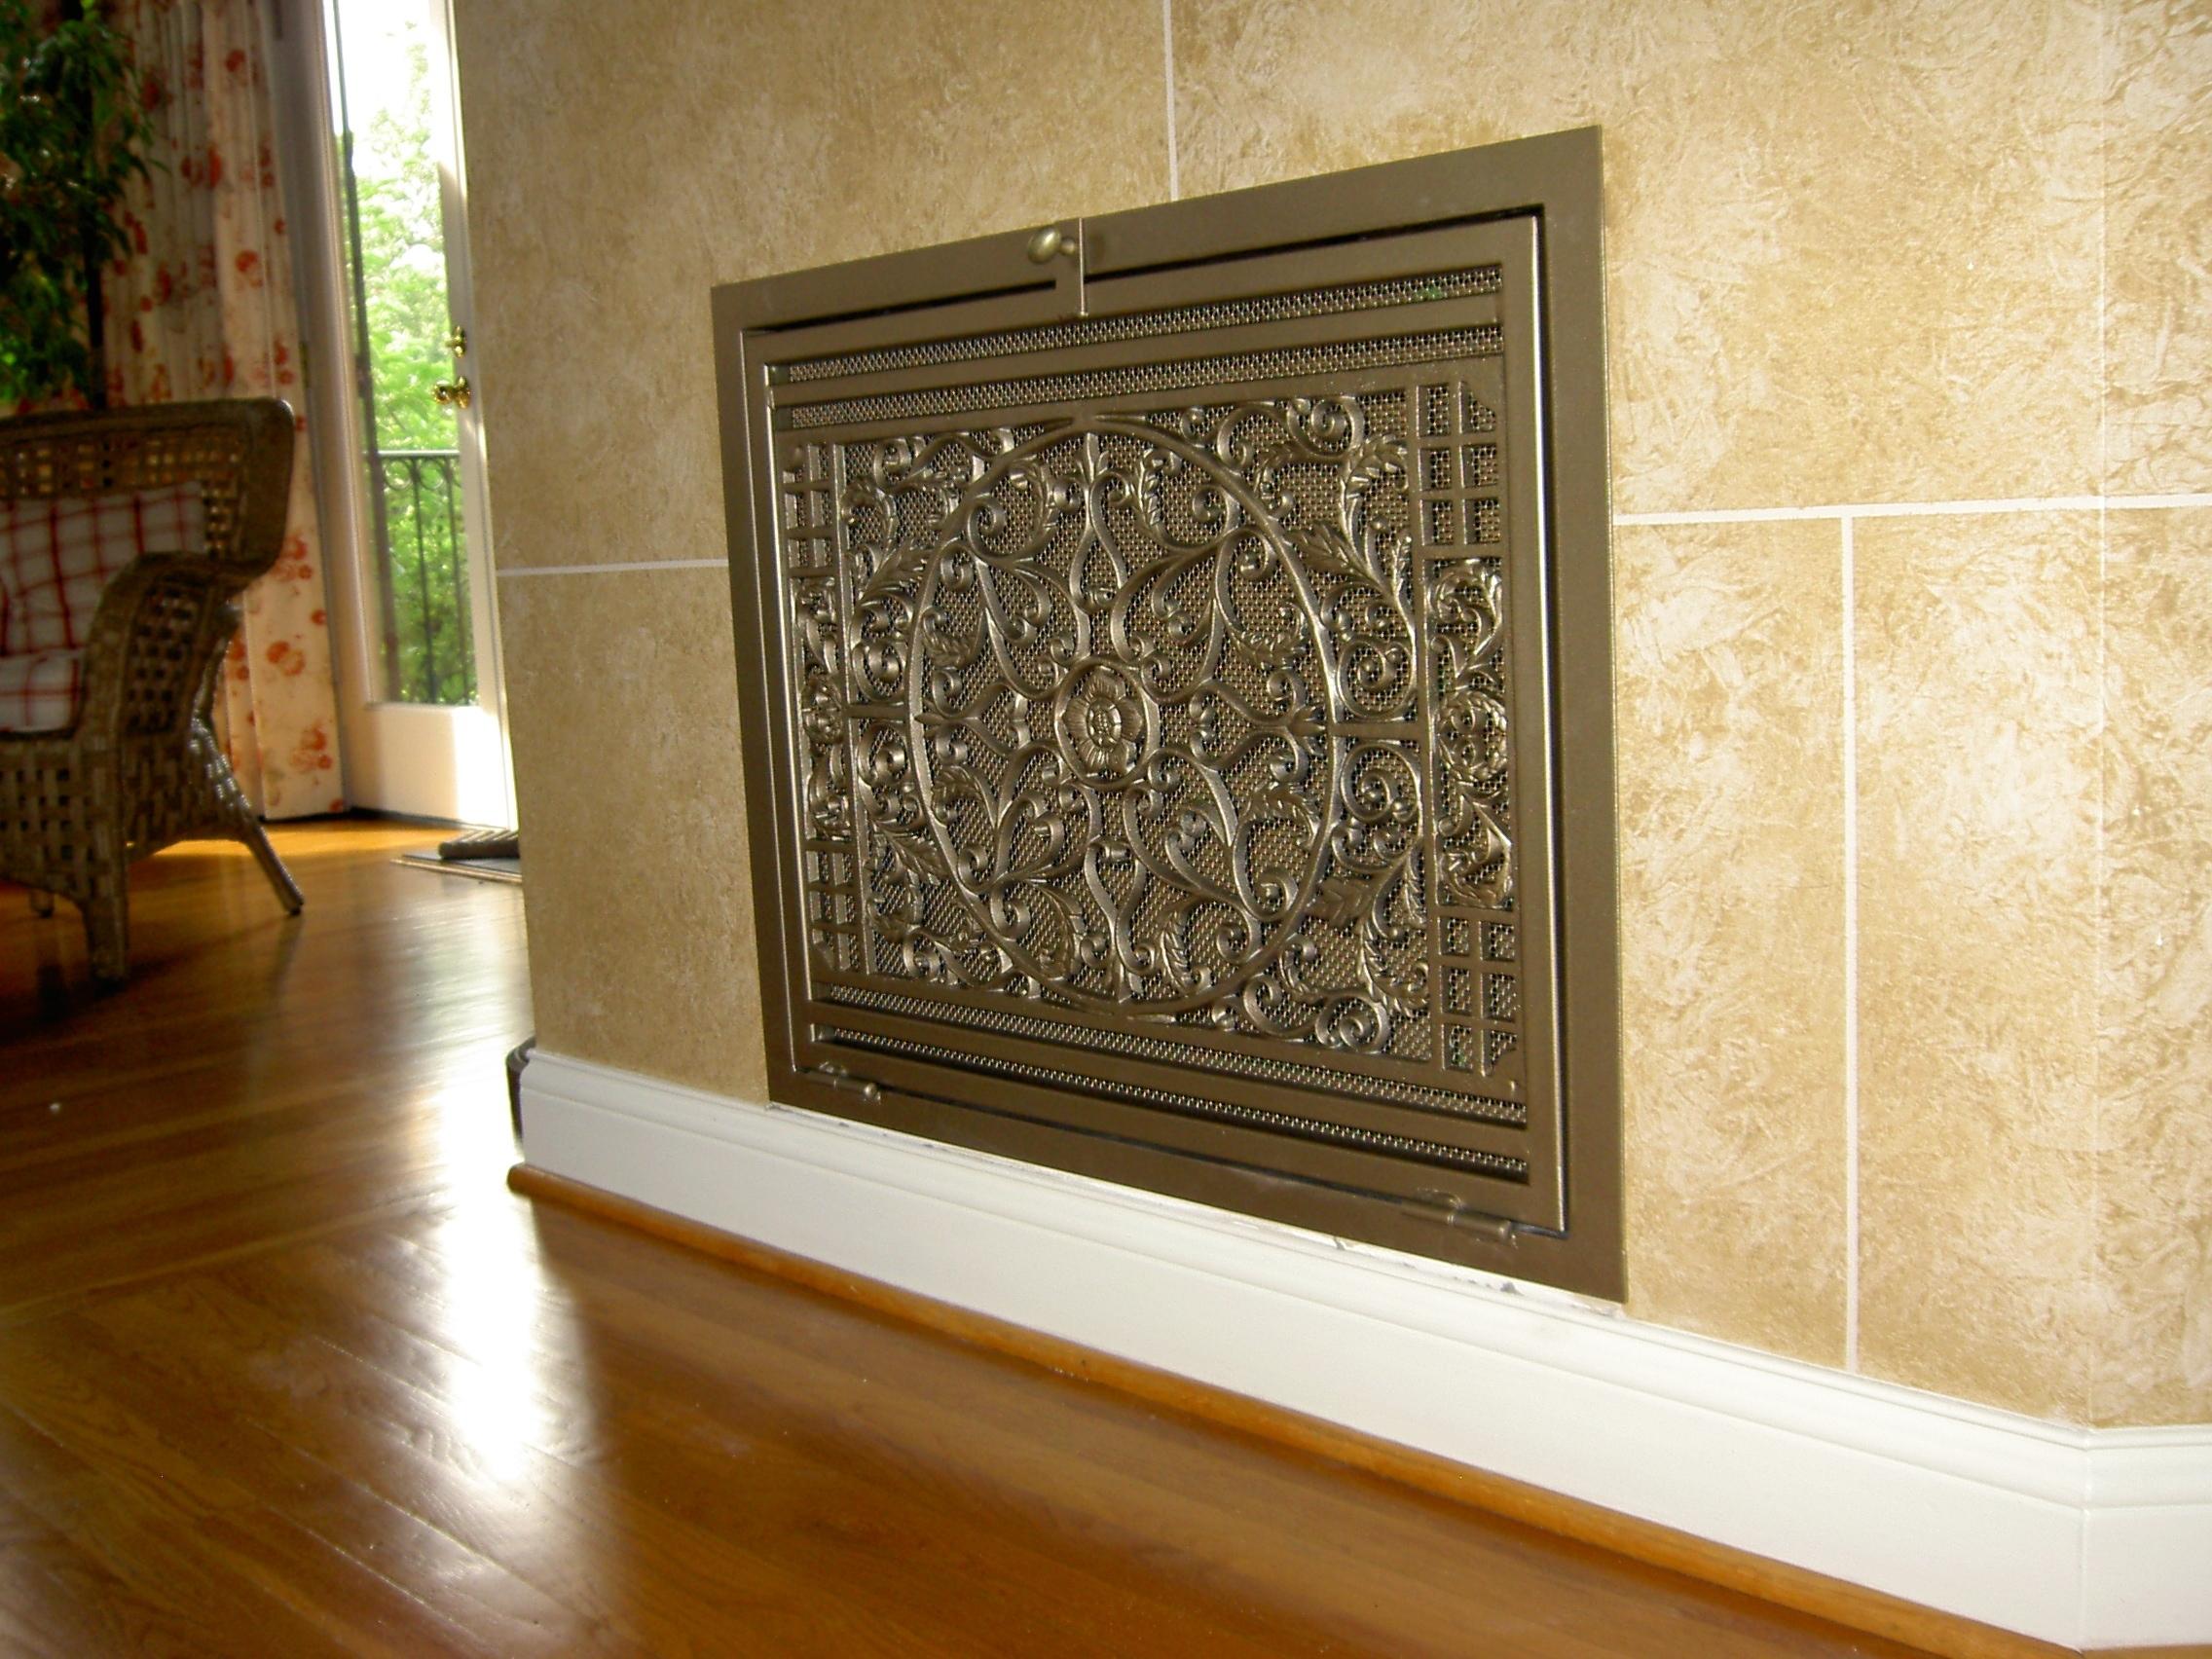 Circulation Wall Vents Air